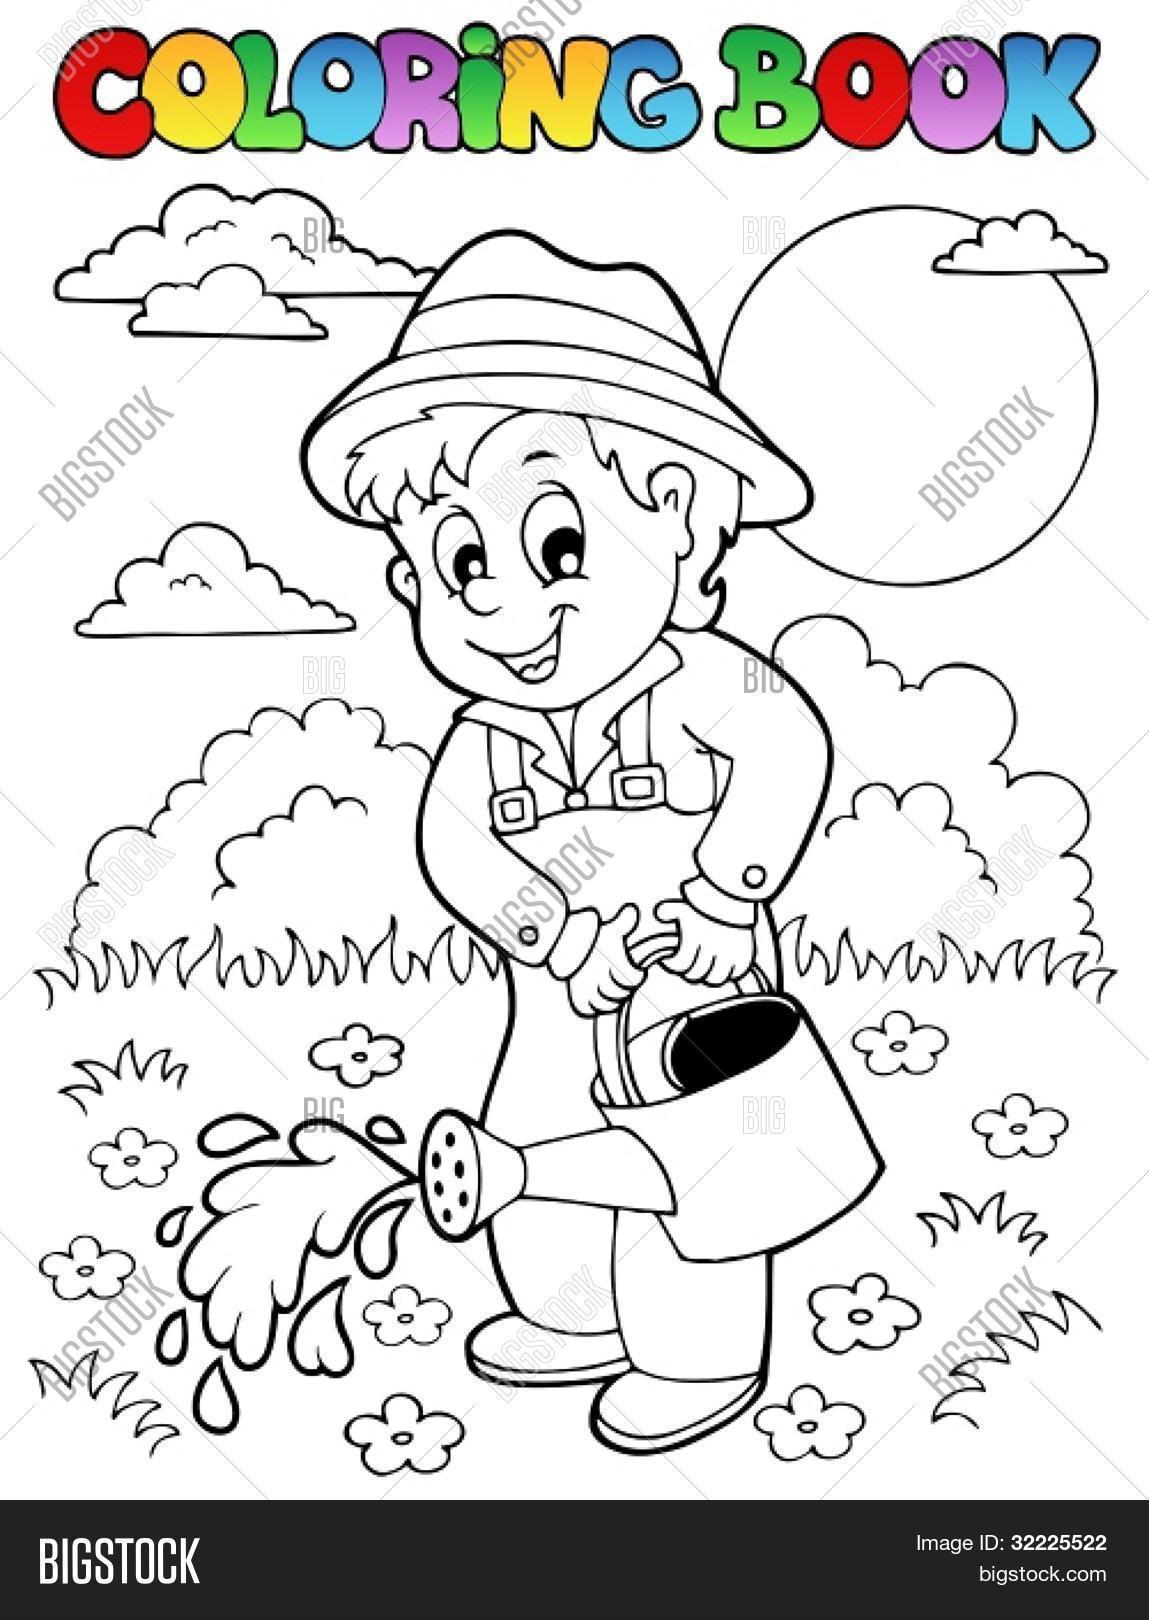 banco de jardim vetor:de livro de colorir e jardineiro – ilustração vetorial. Bancos de